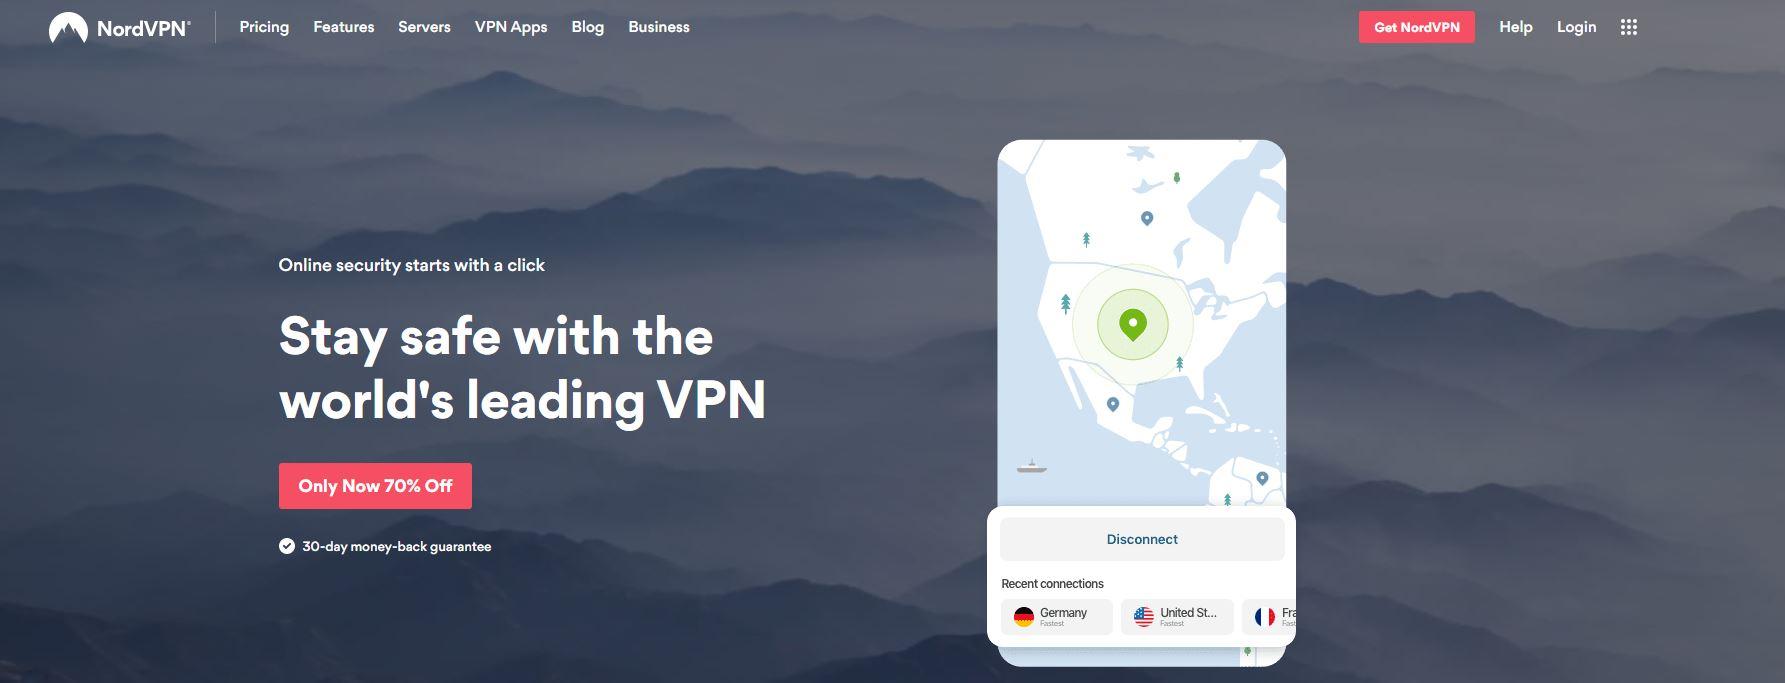 NordVPN website